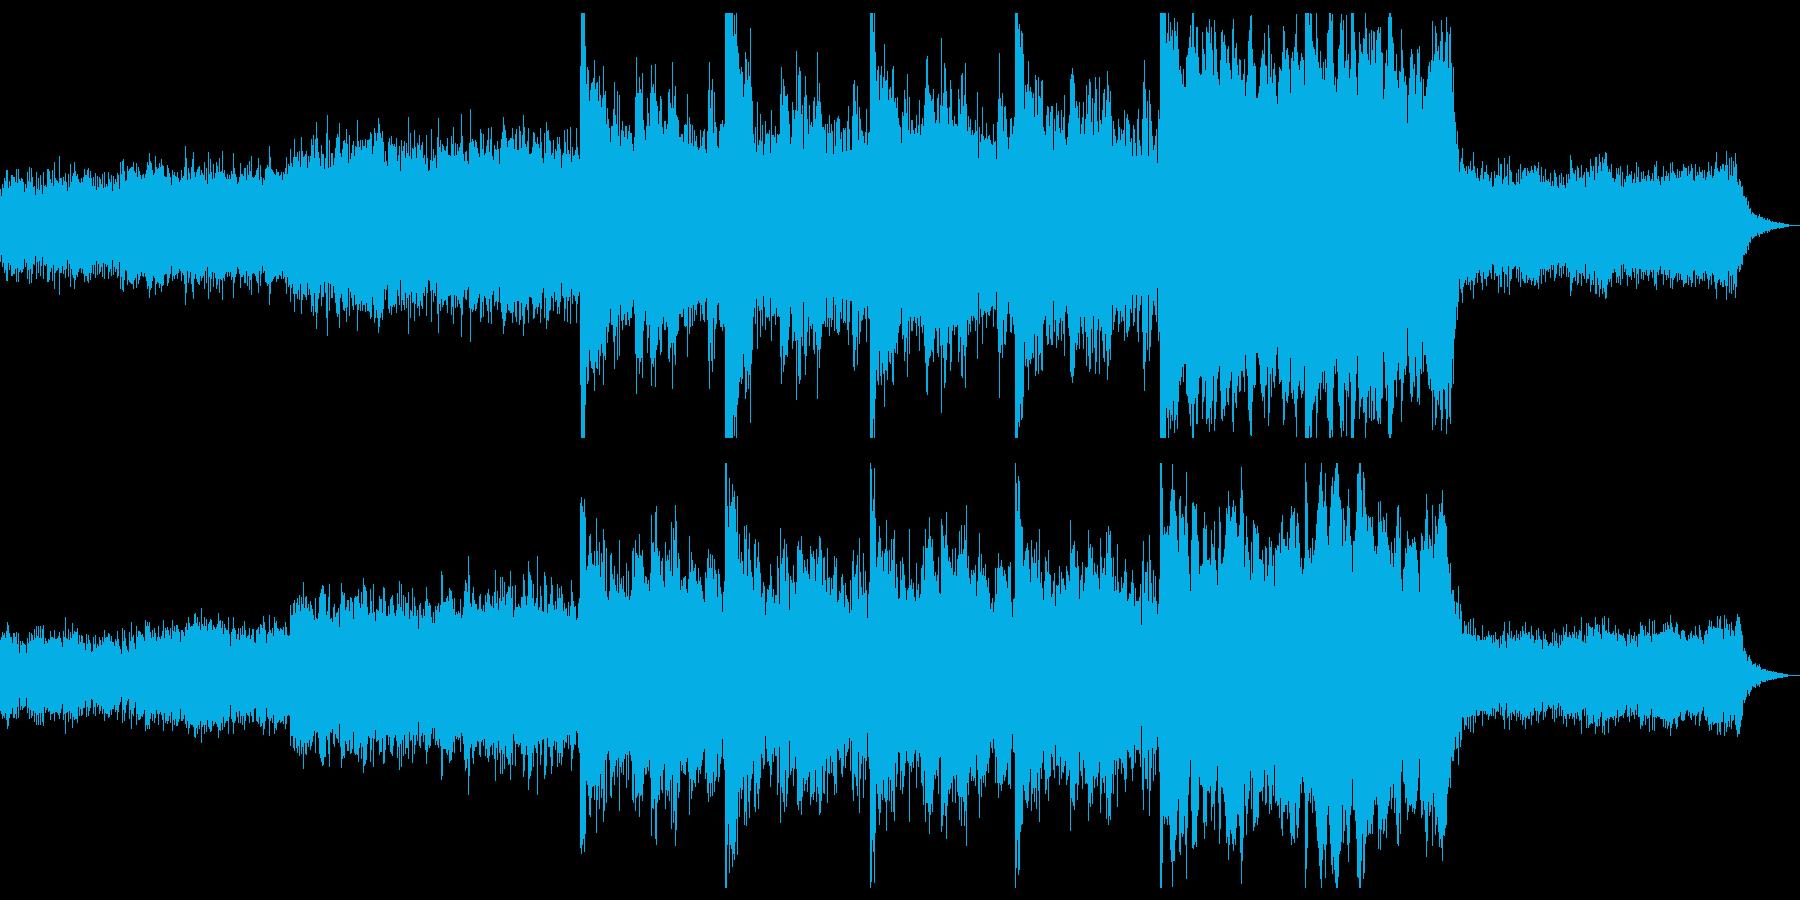 綺麗なビブラフォンに不安な雰囲気のホラーの再生済みの波形